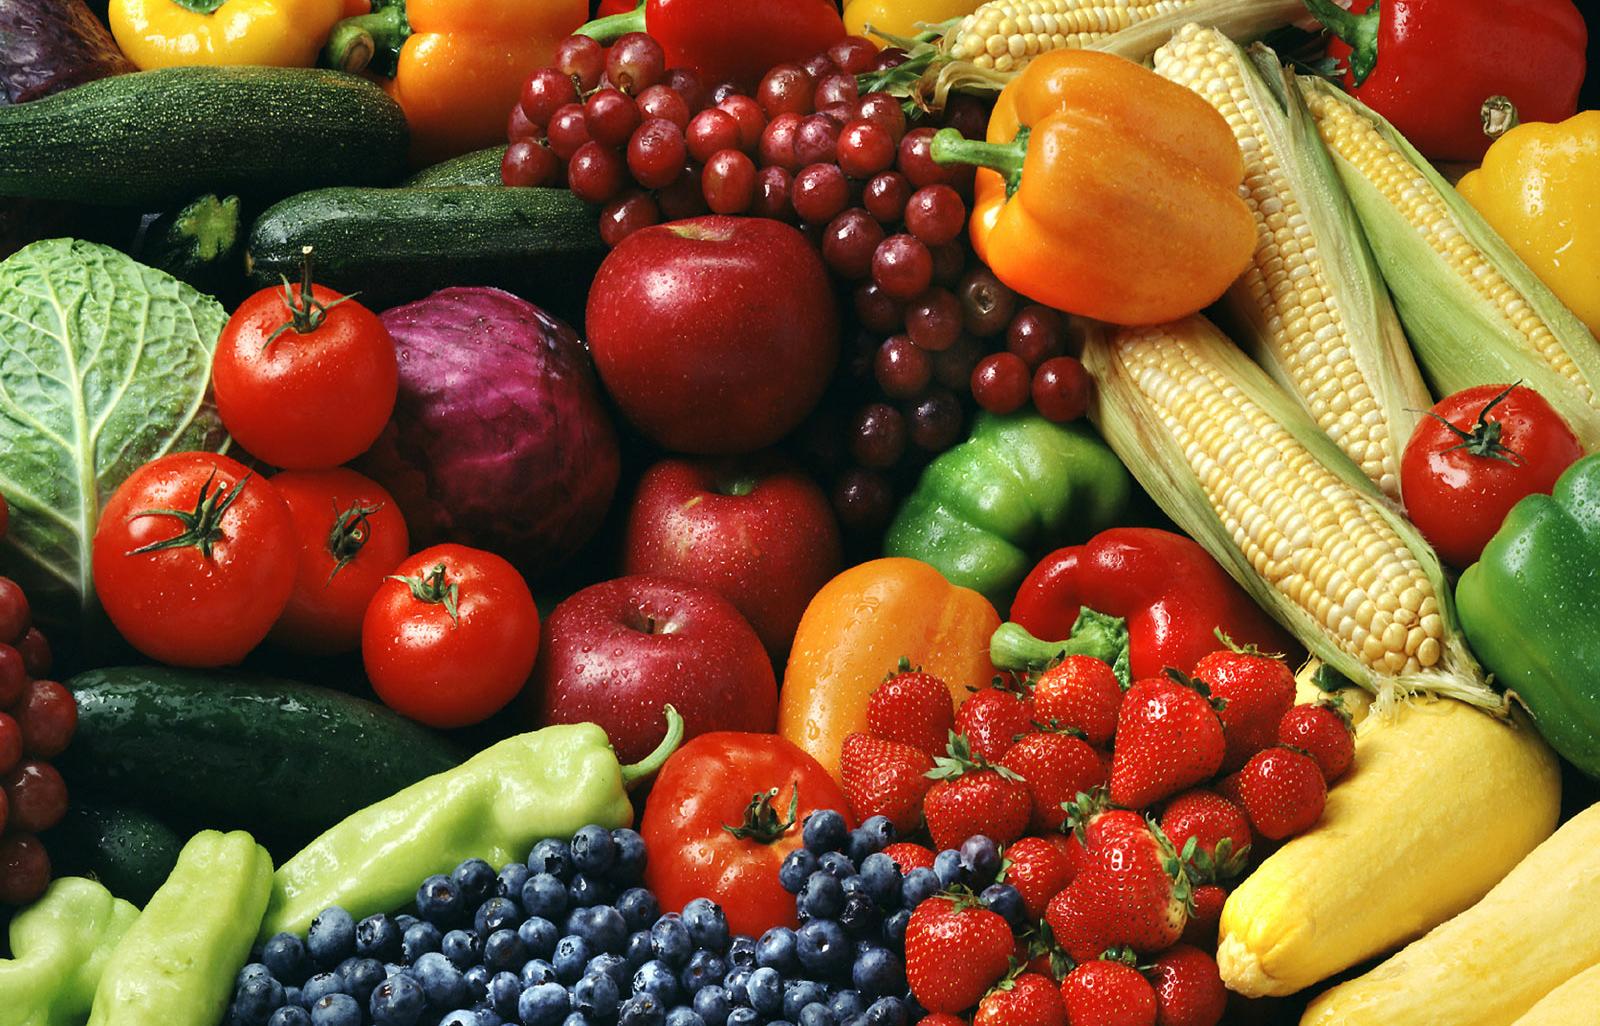 các loại hoa quả, thục phẩm